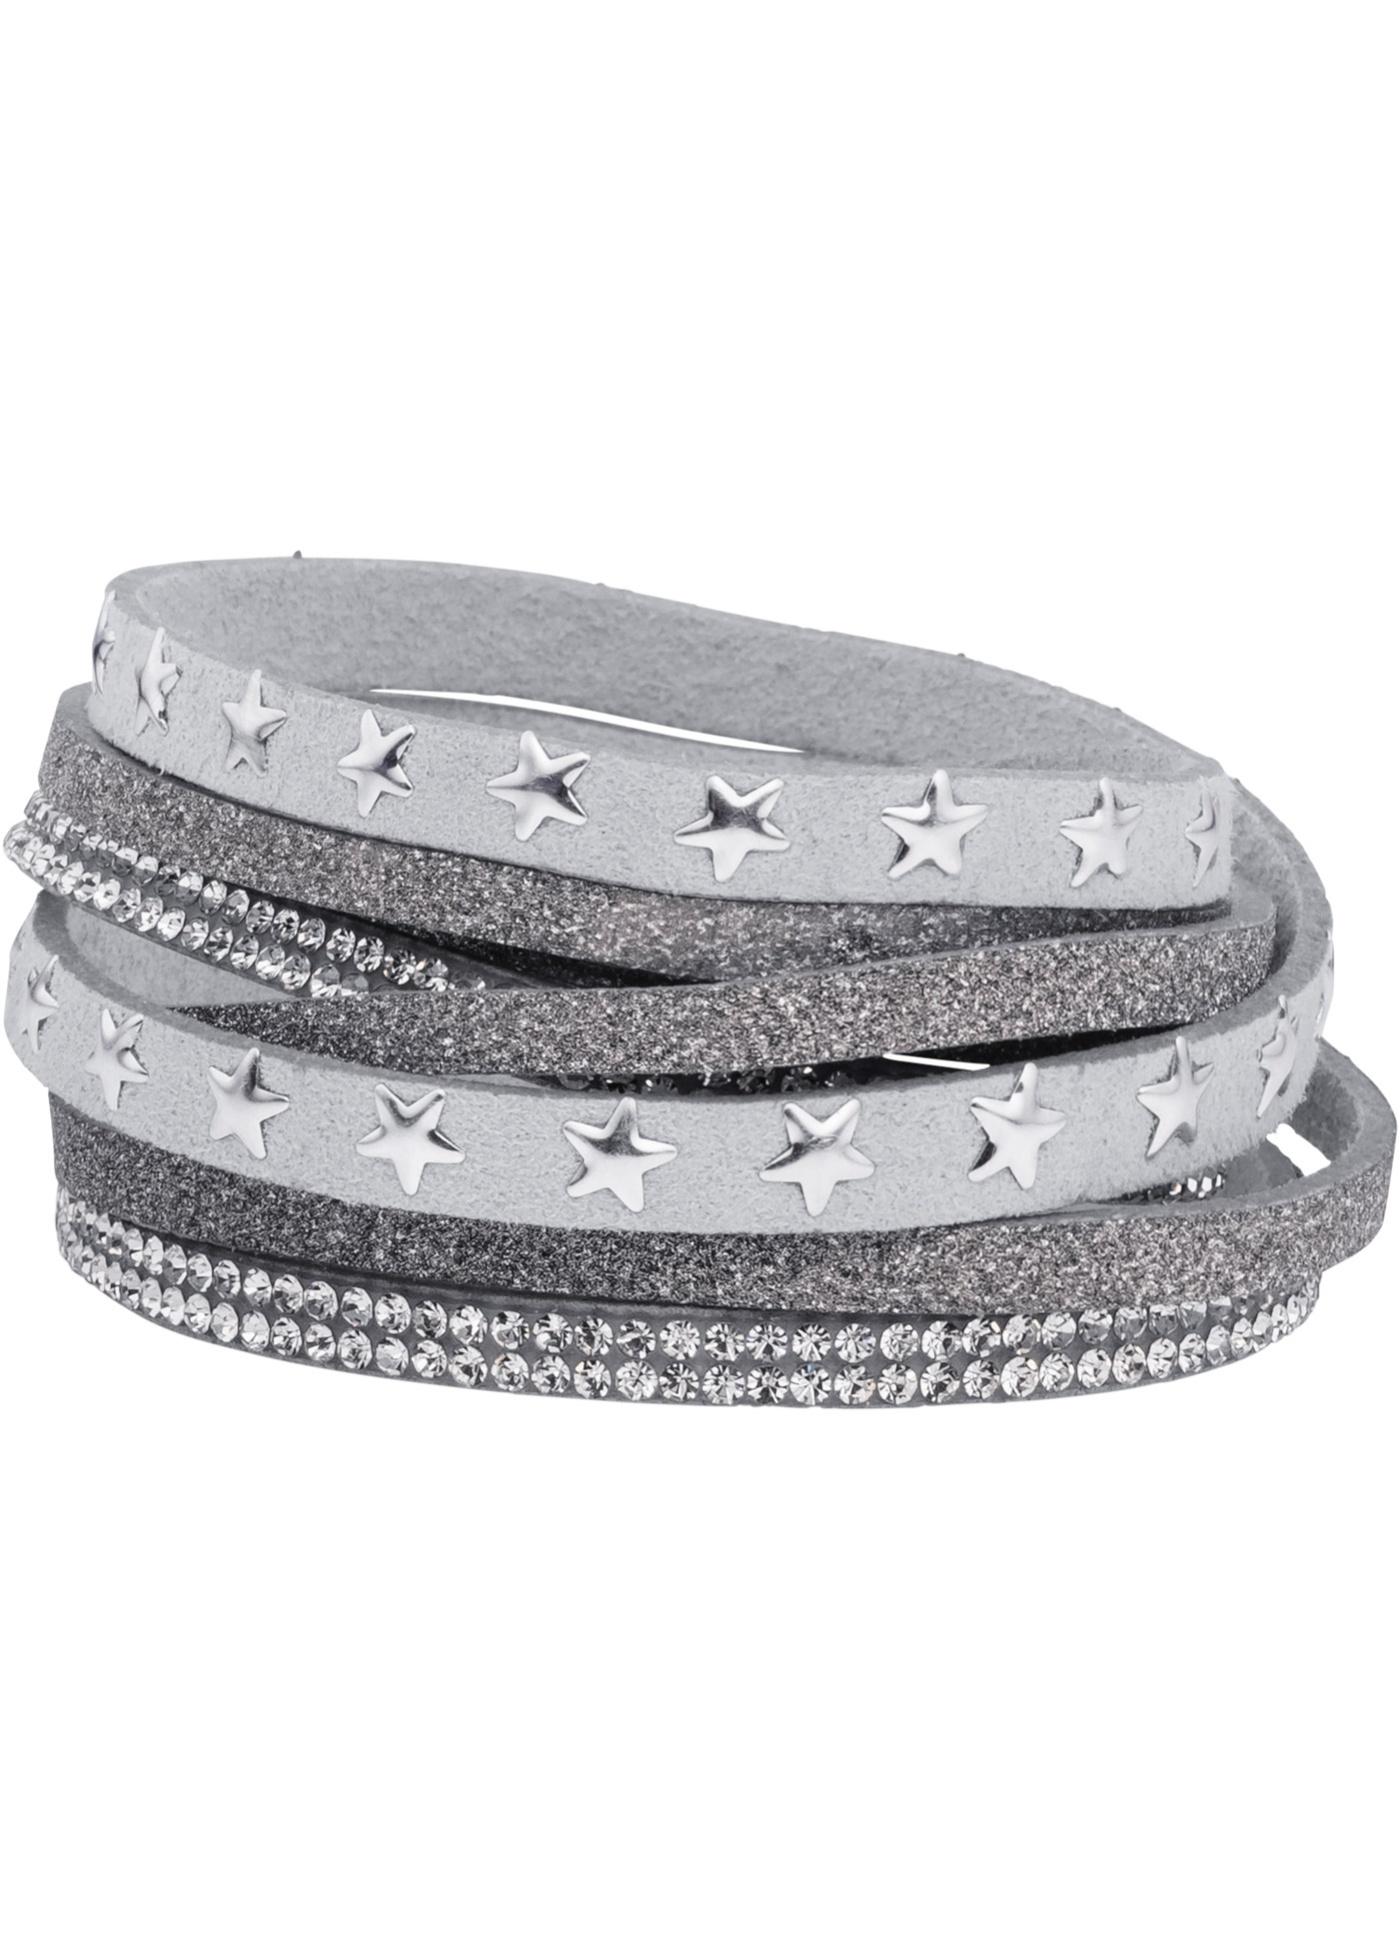 Un superbe effet autour du poignet ! Ce bracelet à enrouler se démarque par un look original. Différents coloris au choix.